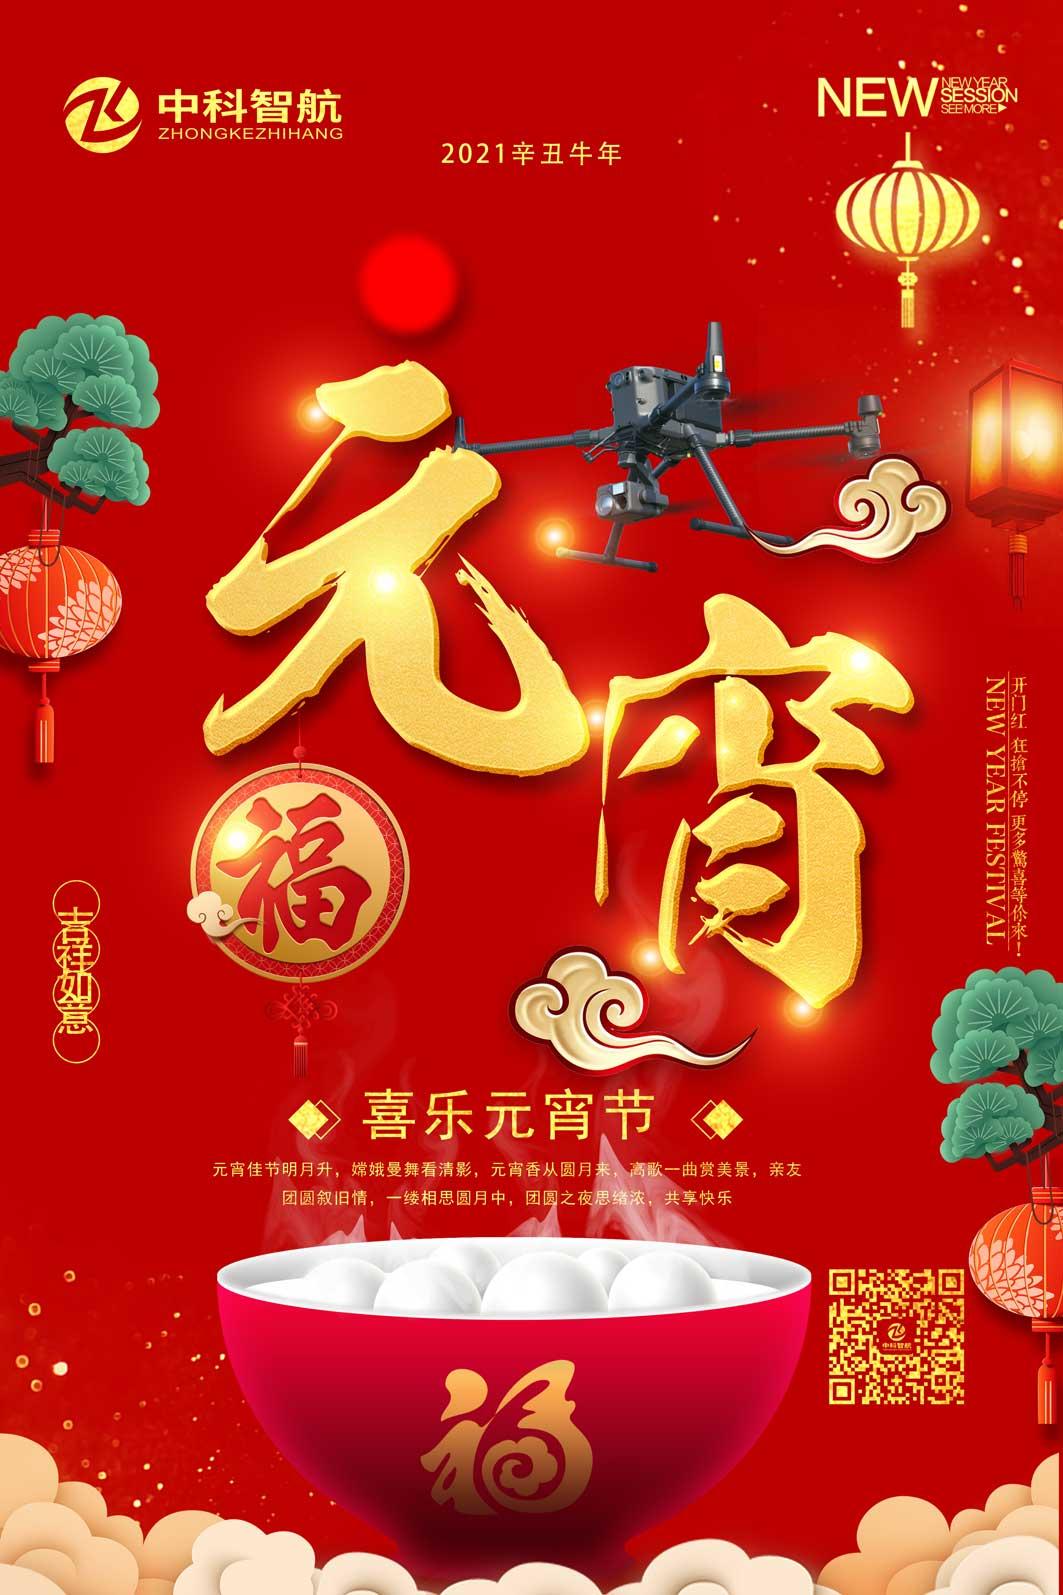 长春中科智航恭祝您元宵节快乐